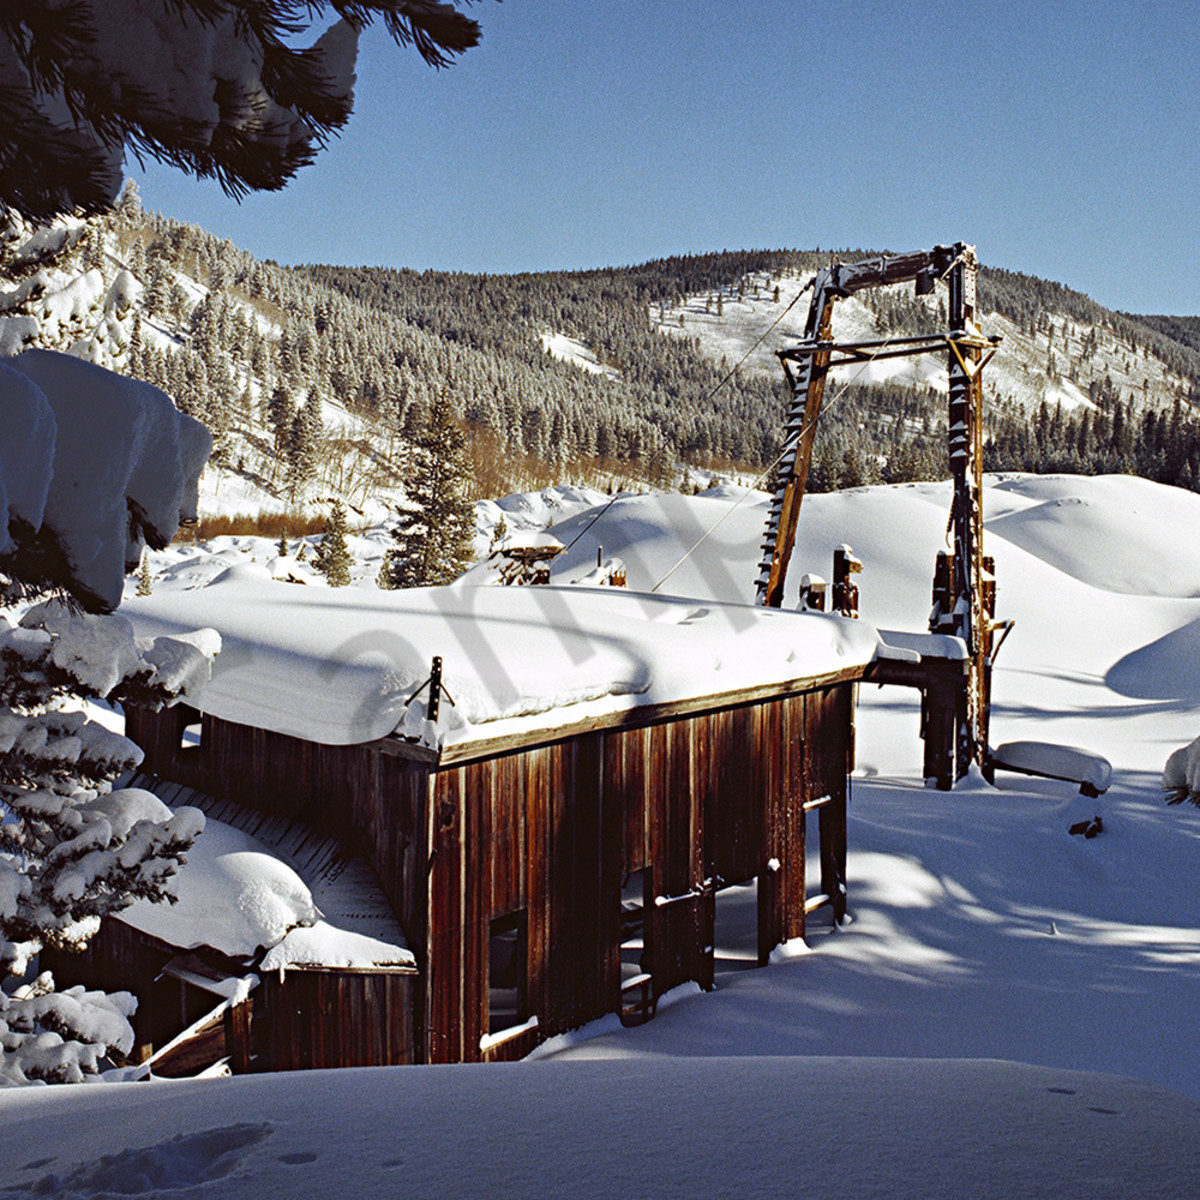 Reiling gold dredge winter 1979 drshbq